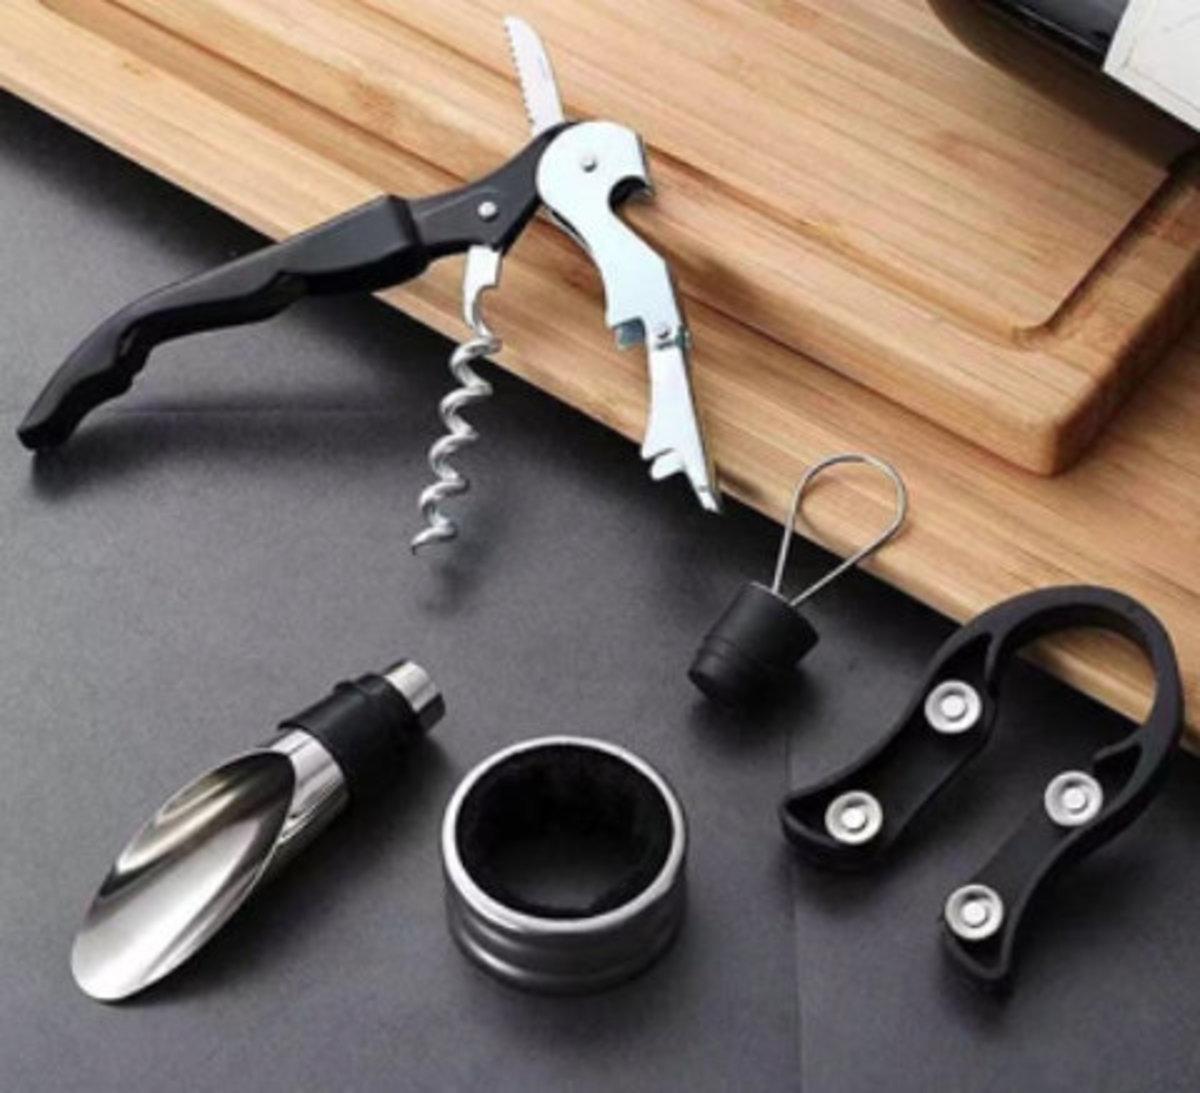 Multifunctional wine bottle opener set